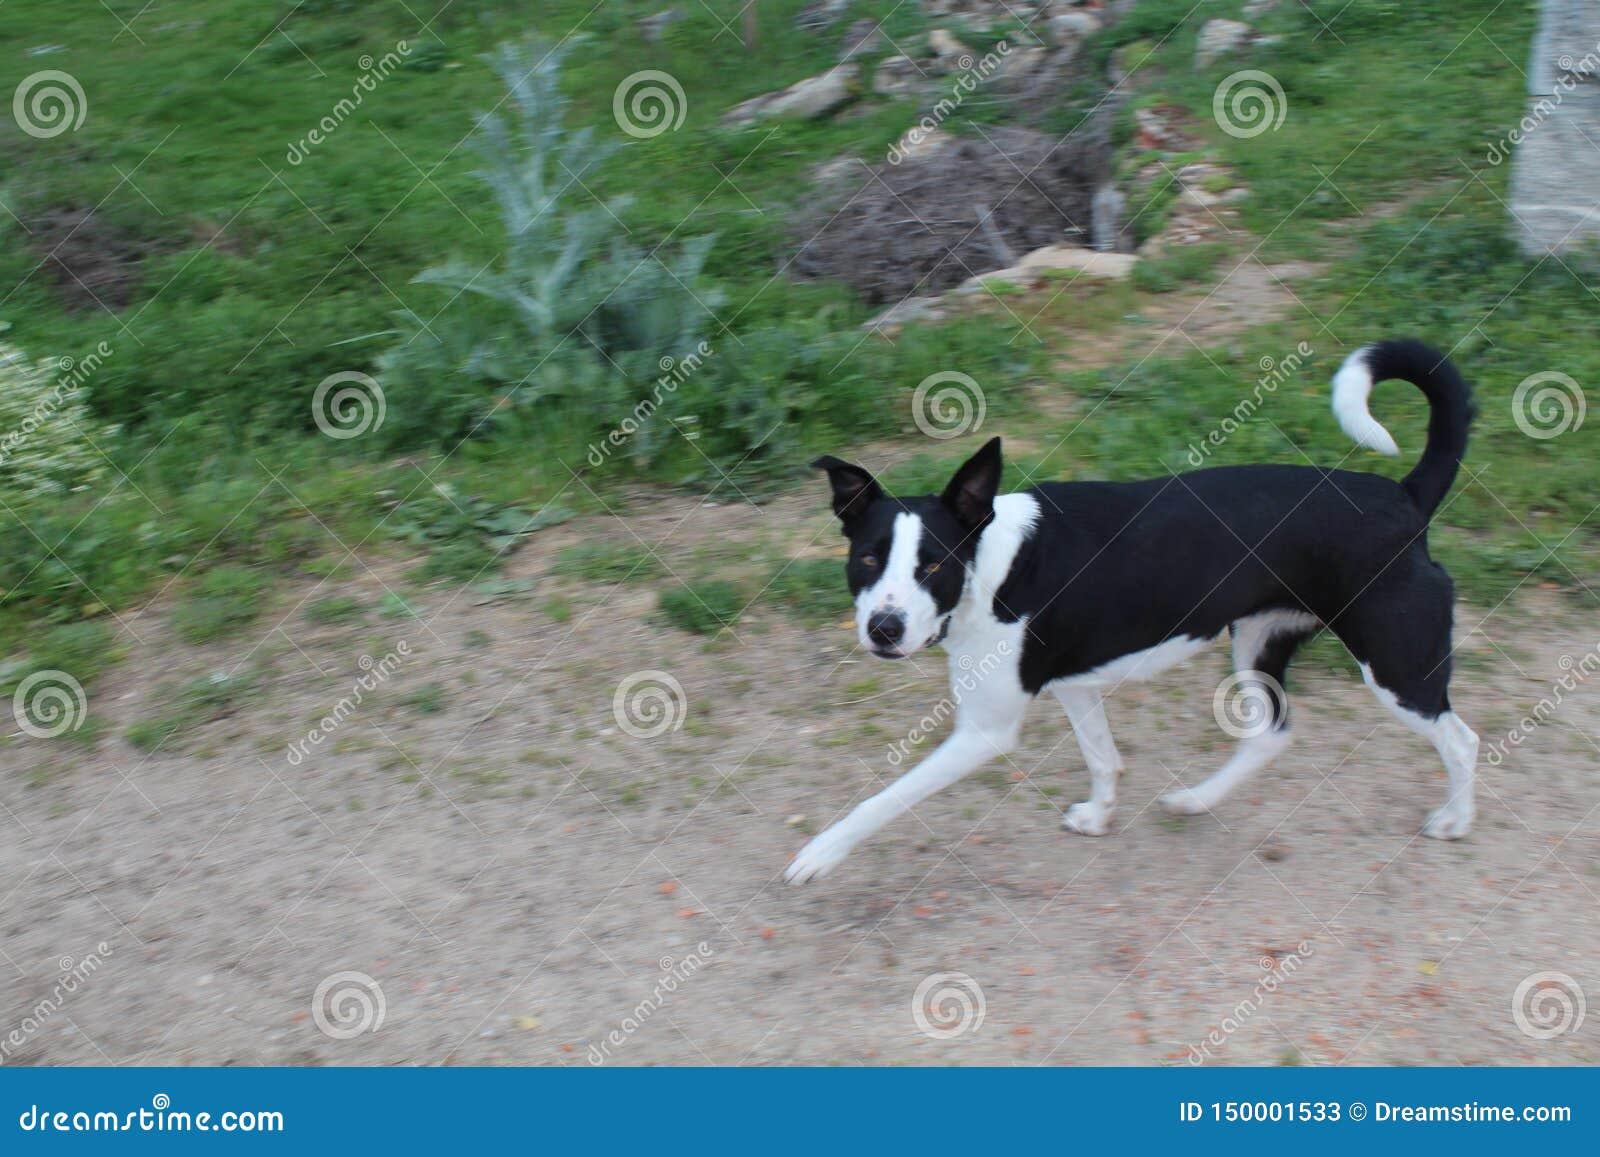 Красивая черно-белая собака которая очень ласкова с людьми